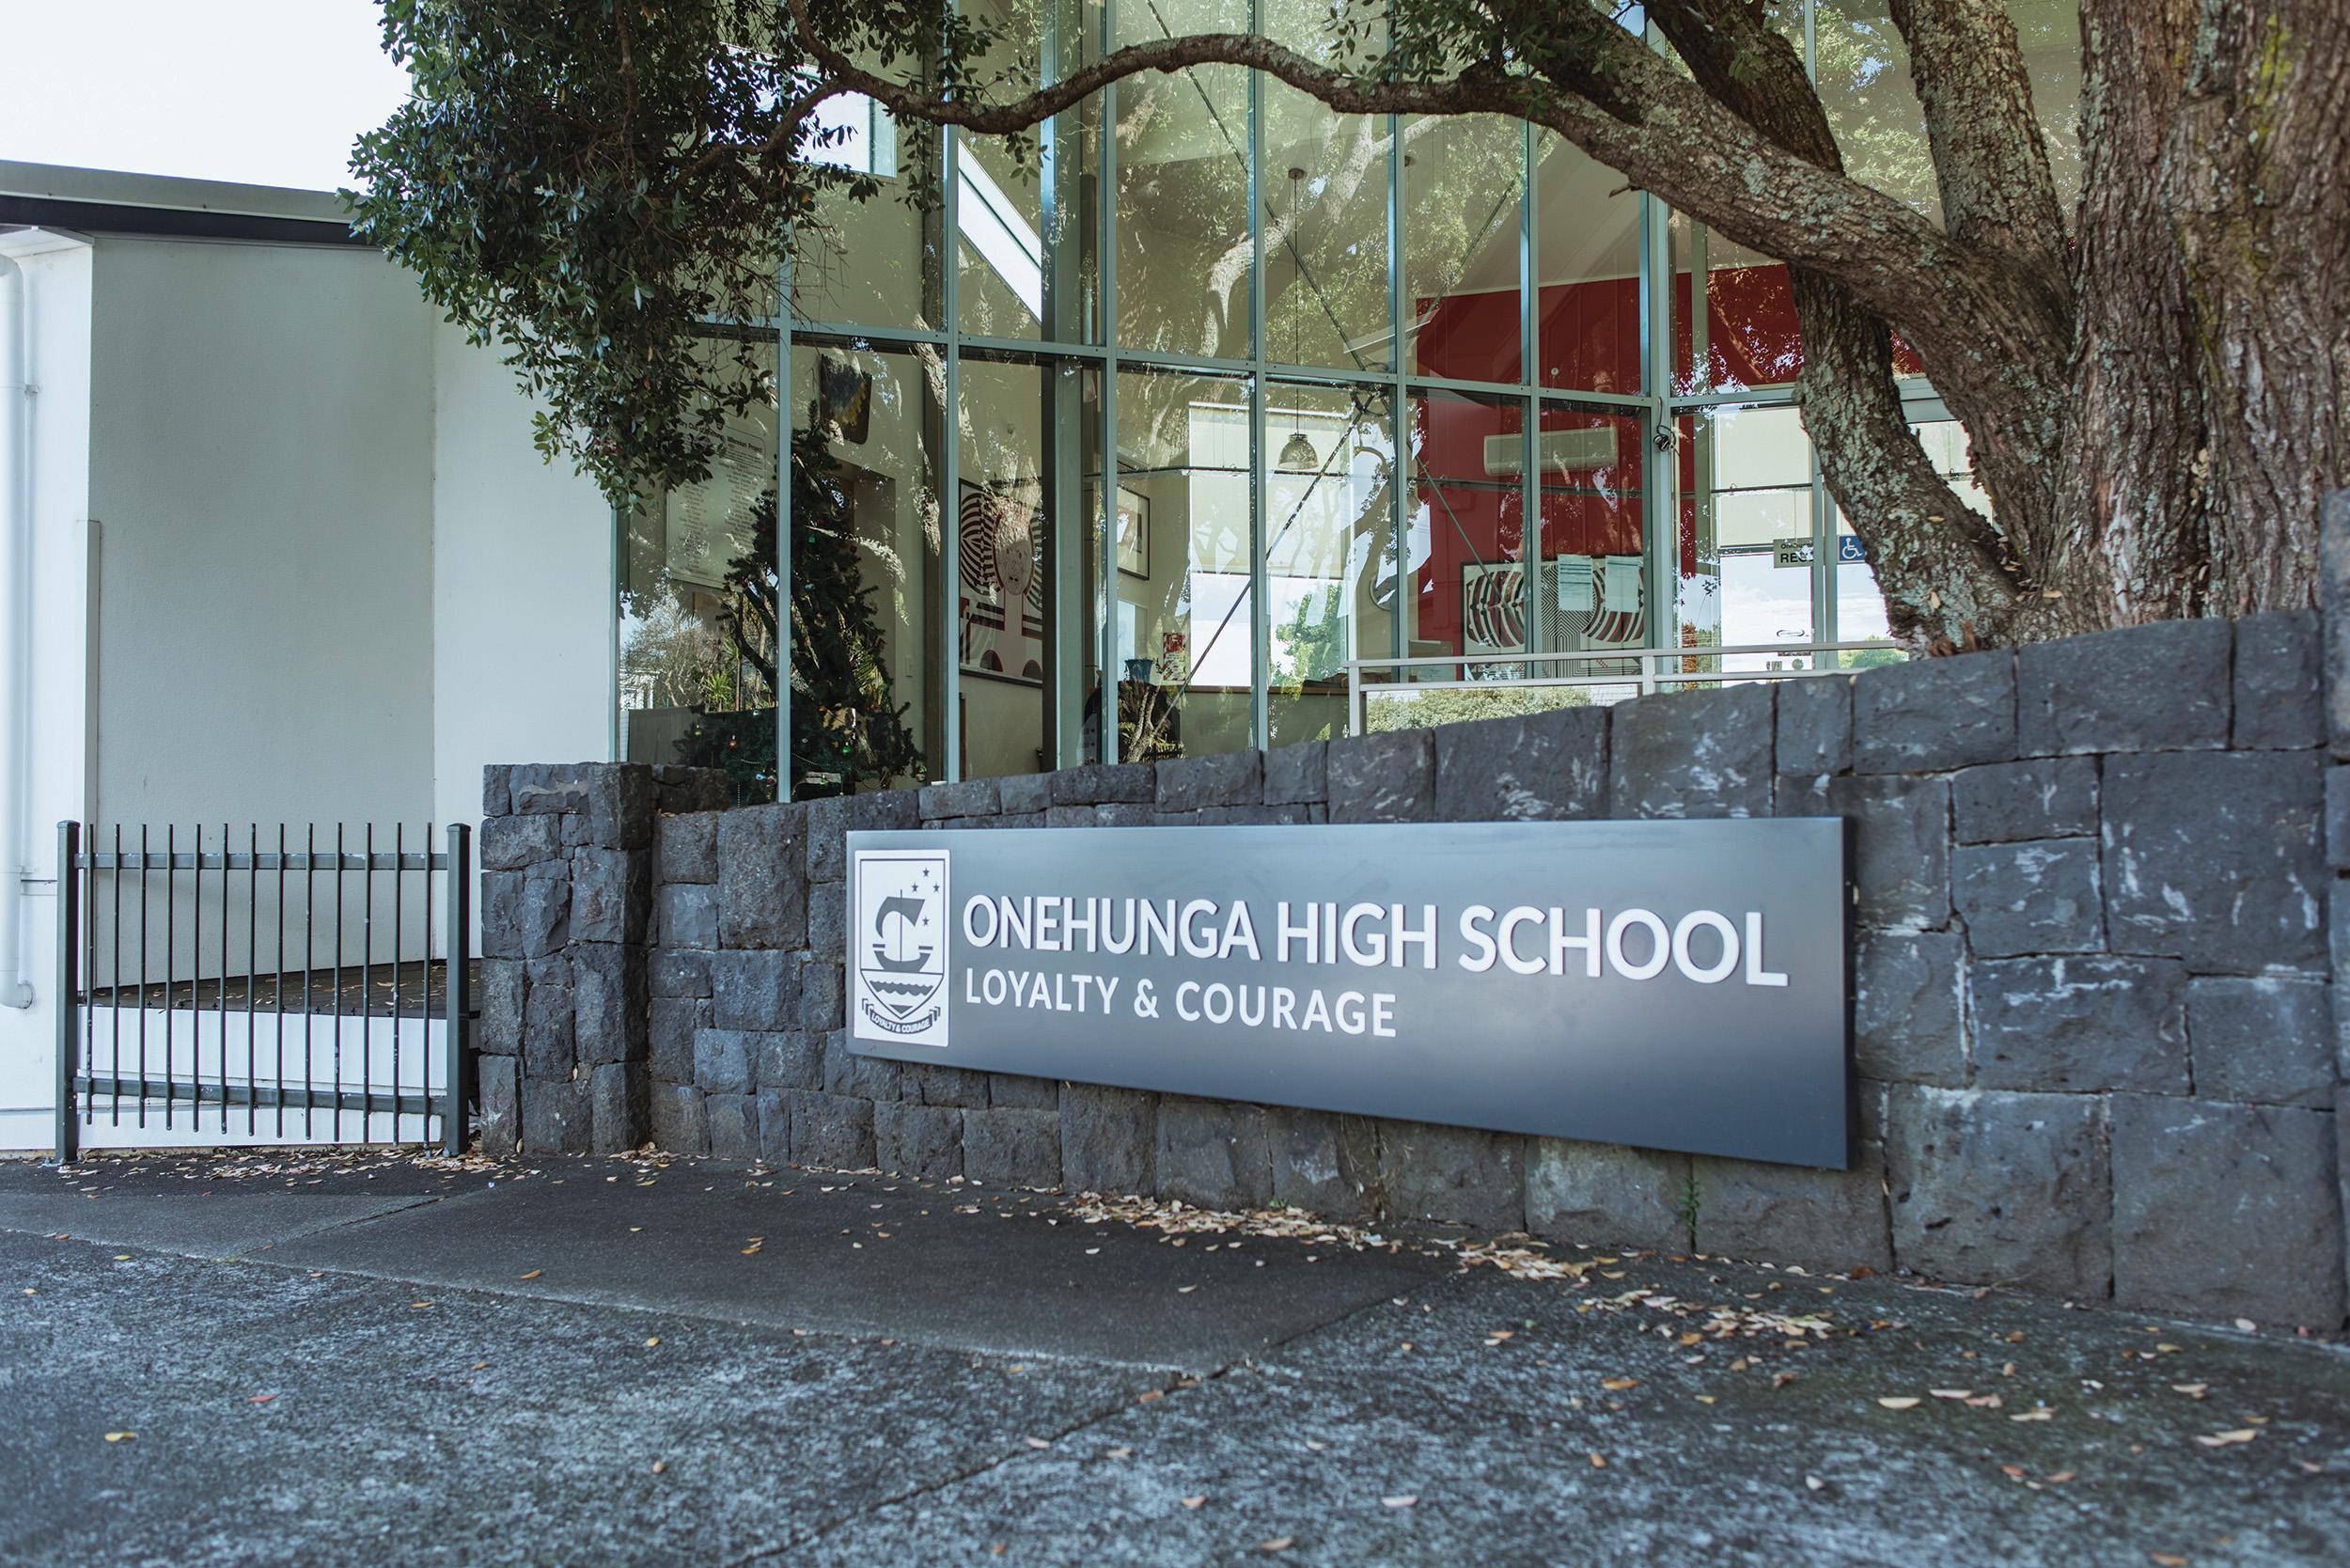 ONEHUNGA HIGH SCHOOL  - LOYALTY & COURAGE